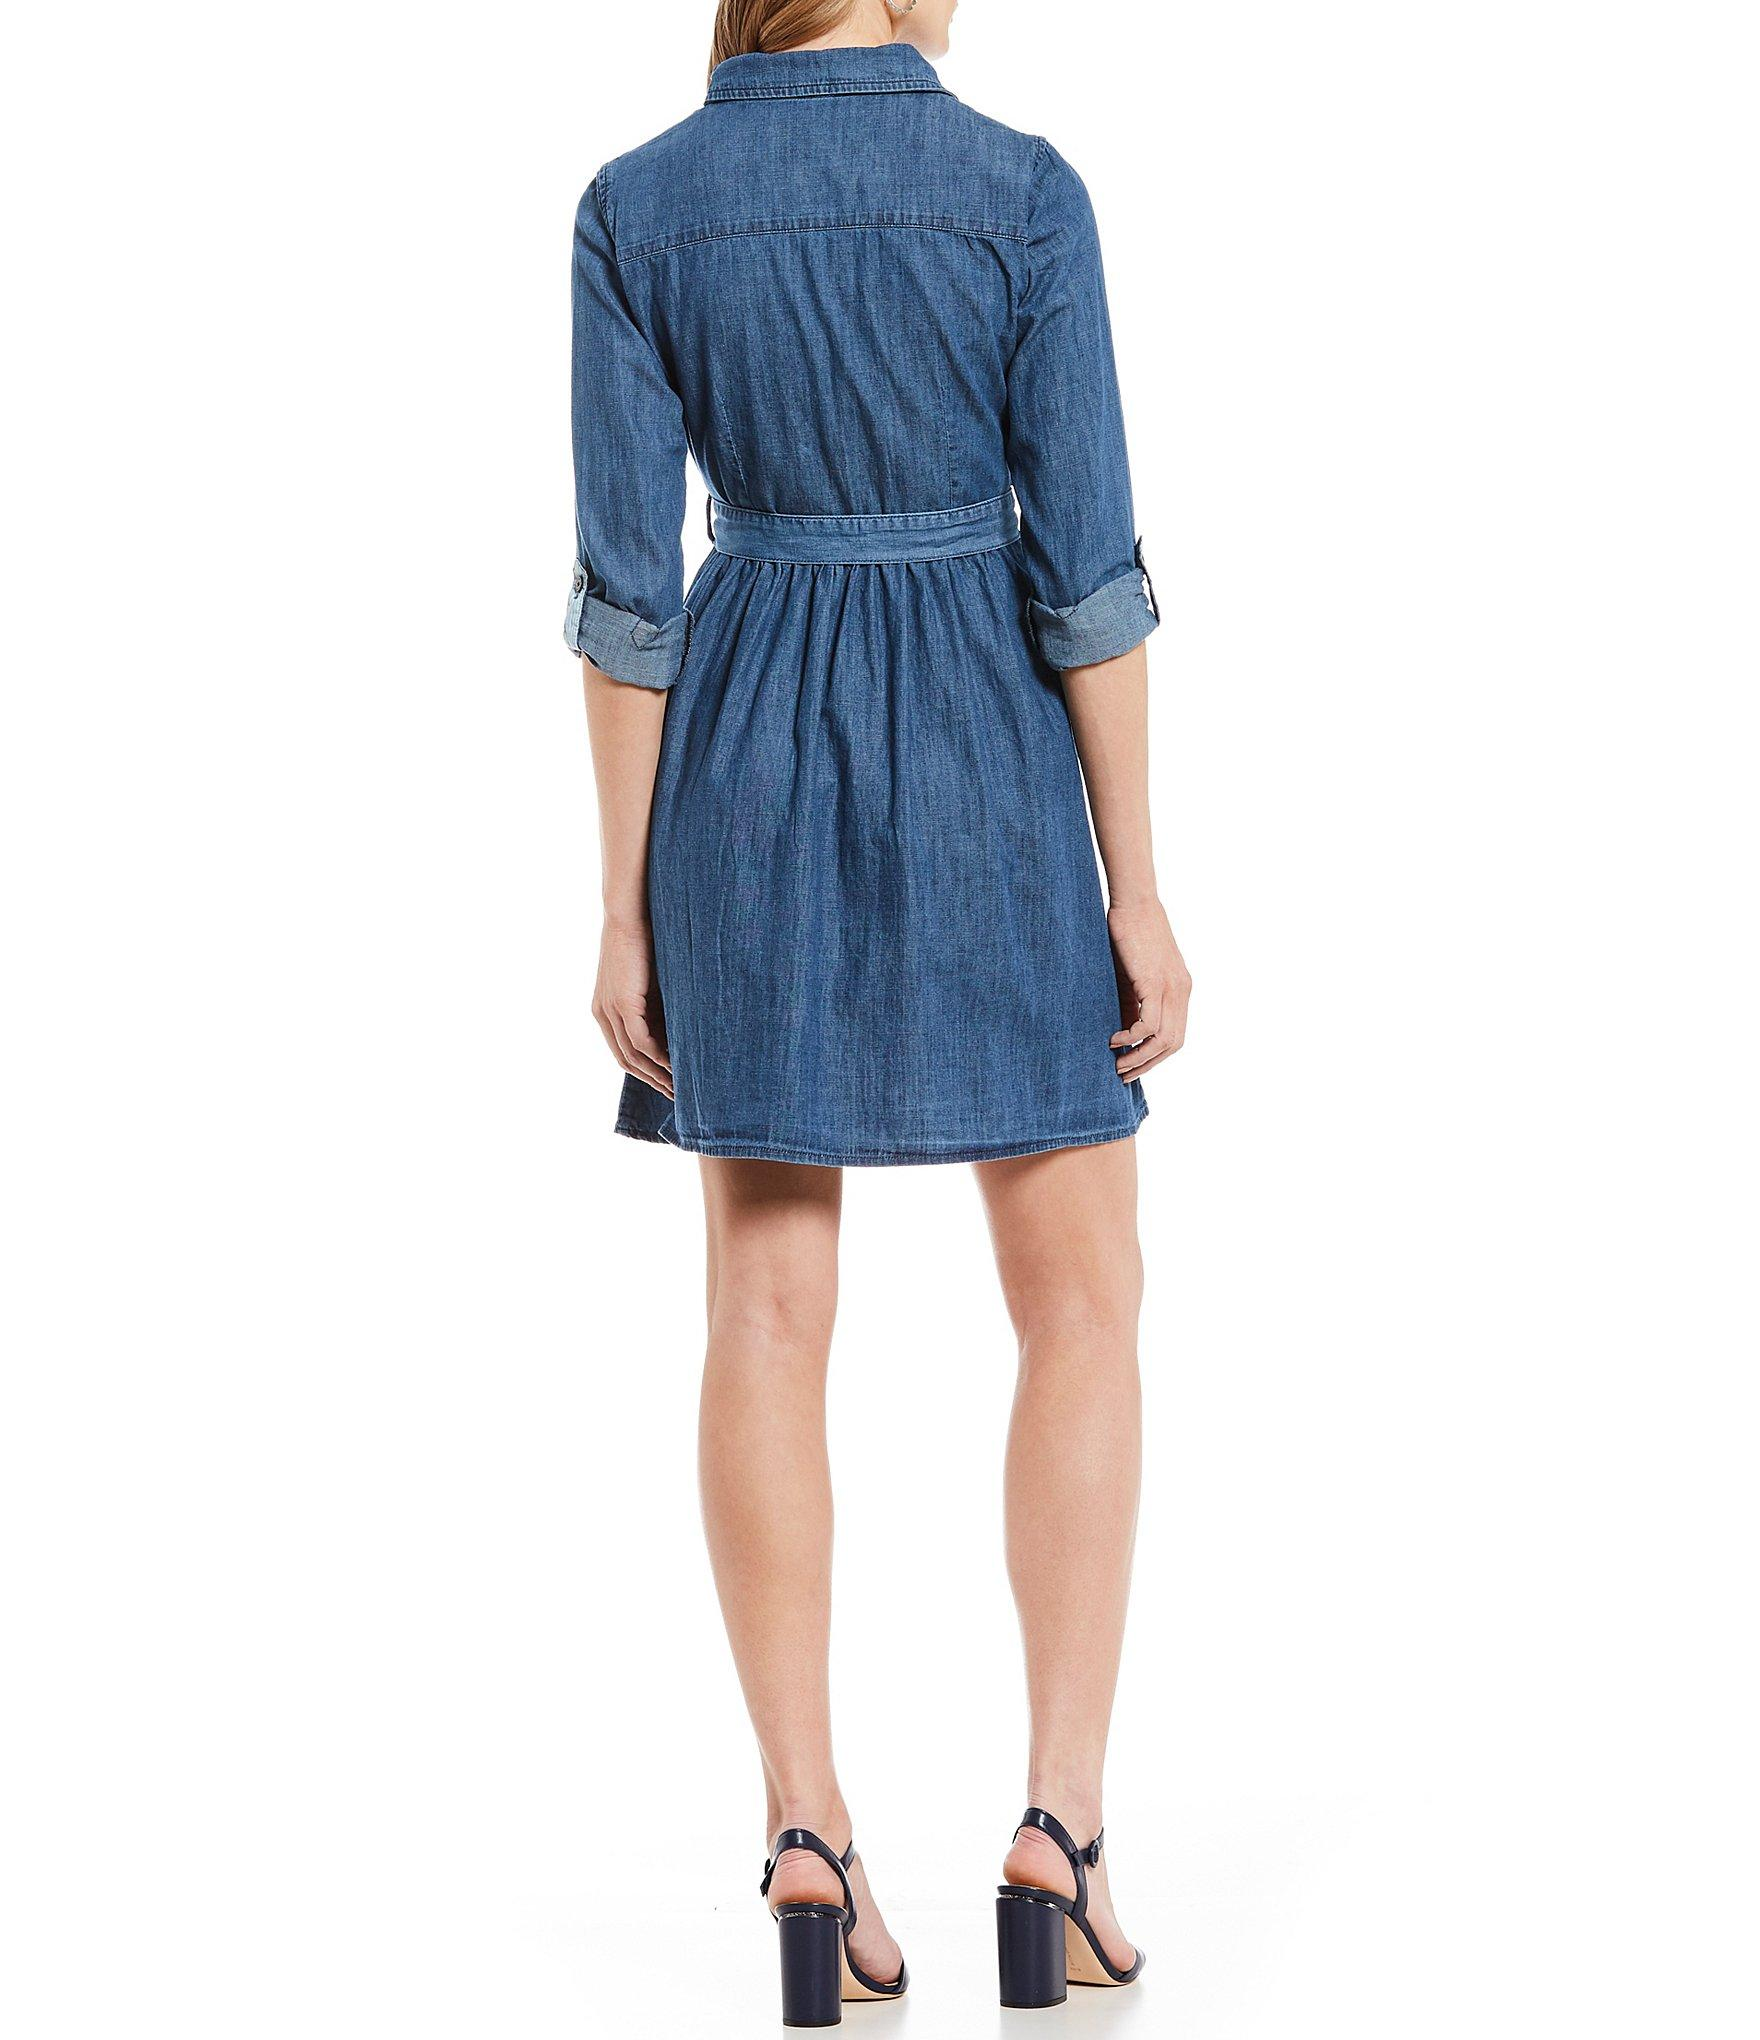 2f718b8c Draper James - Blue Chambray Roll-tab Sleeve Tie Waist Shirt Dress - Lyst.  View fullscreen